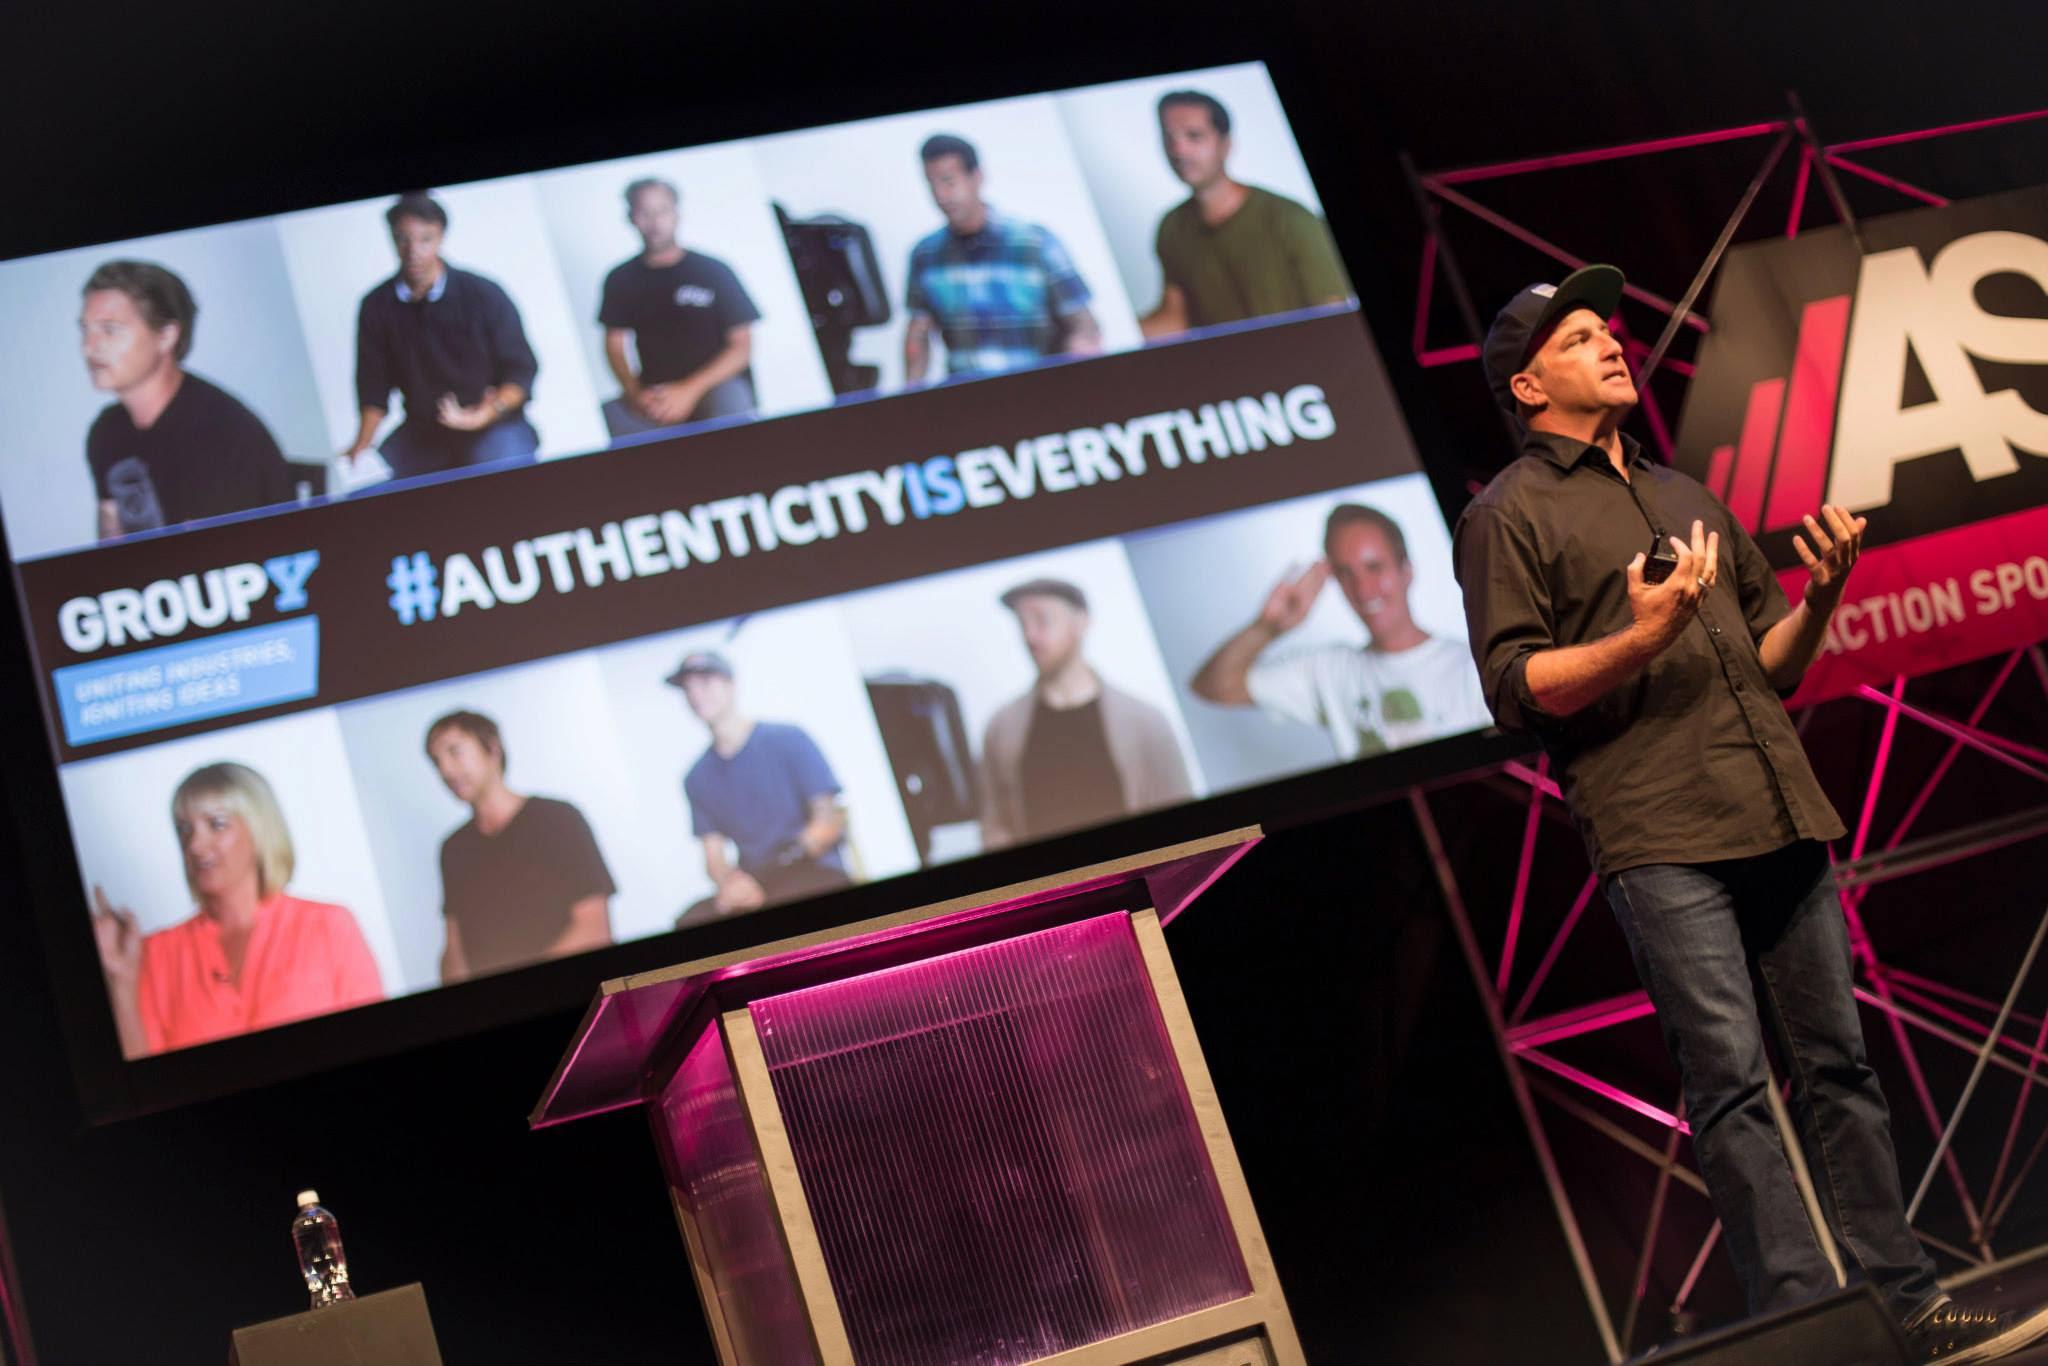 Mark - Authenticity